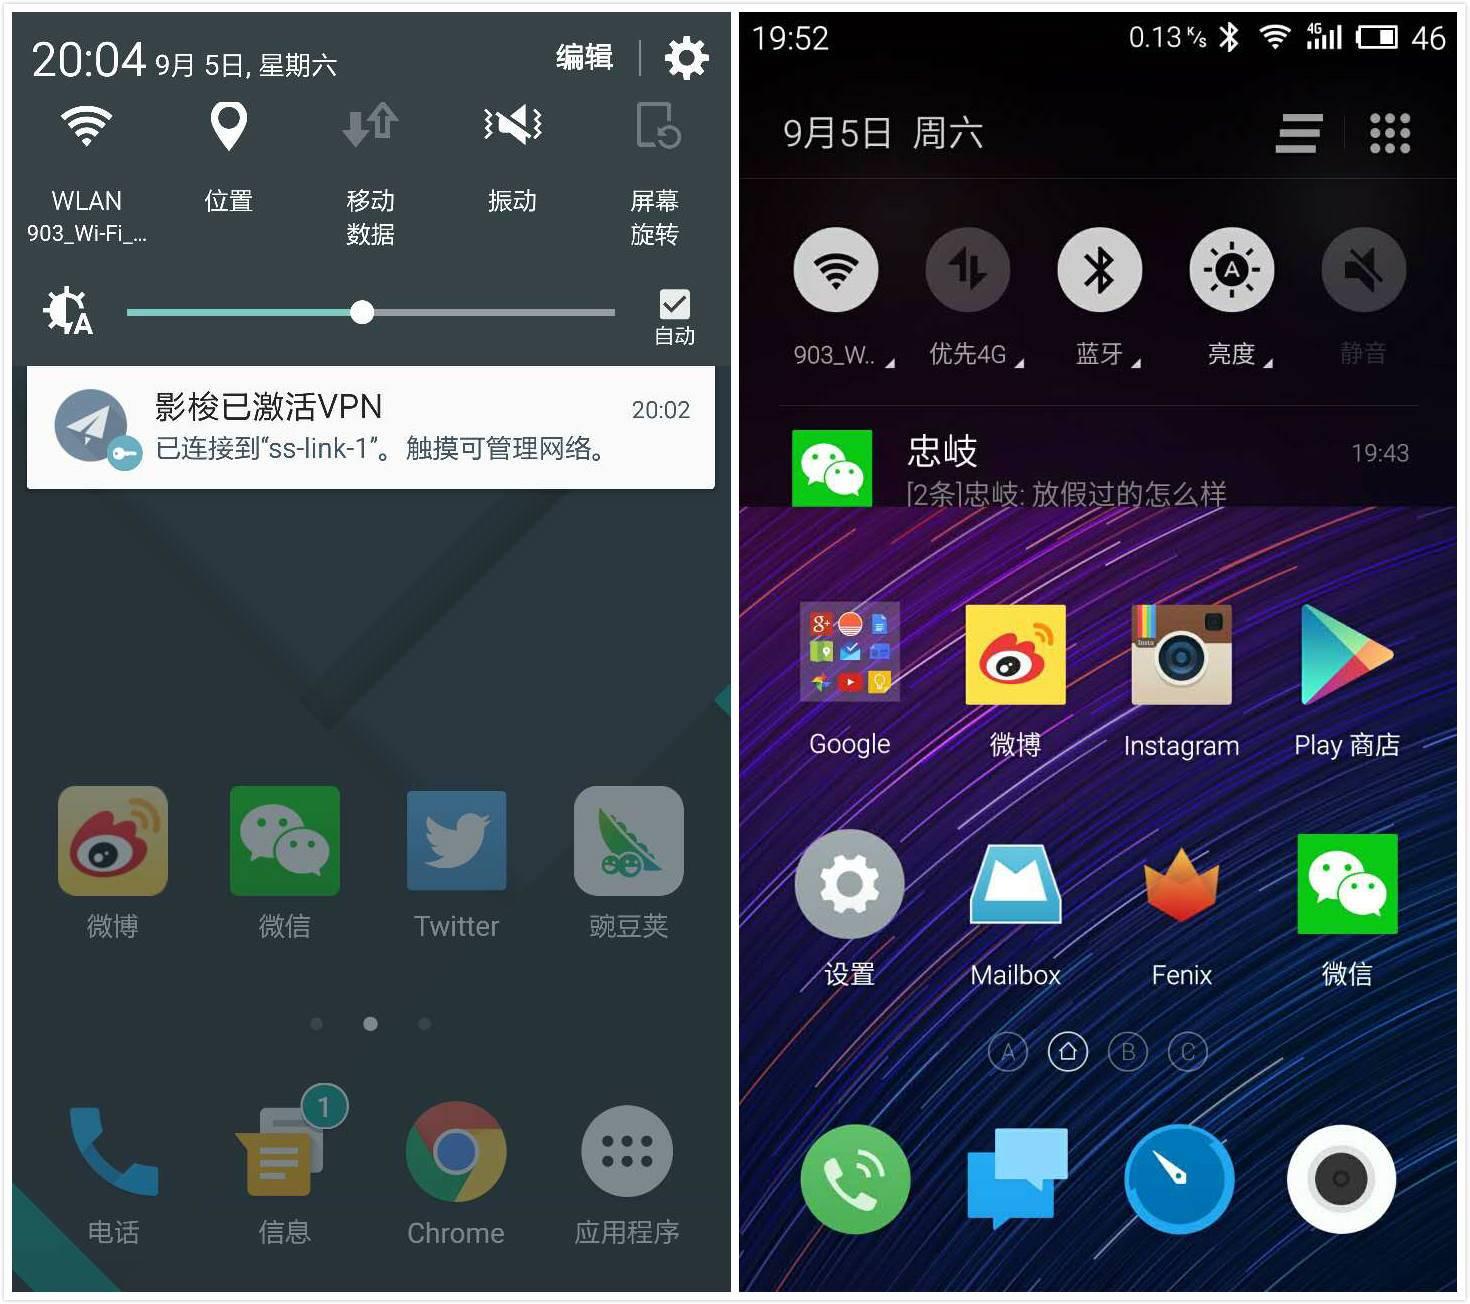 为了优化用户的使用效率,大多数 Android 操作系统是这样处理下拉通知栏的。左 Galaxy S6,右 魅族 MX5